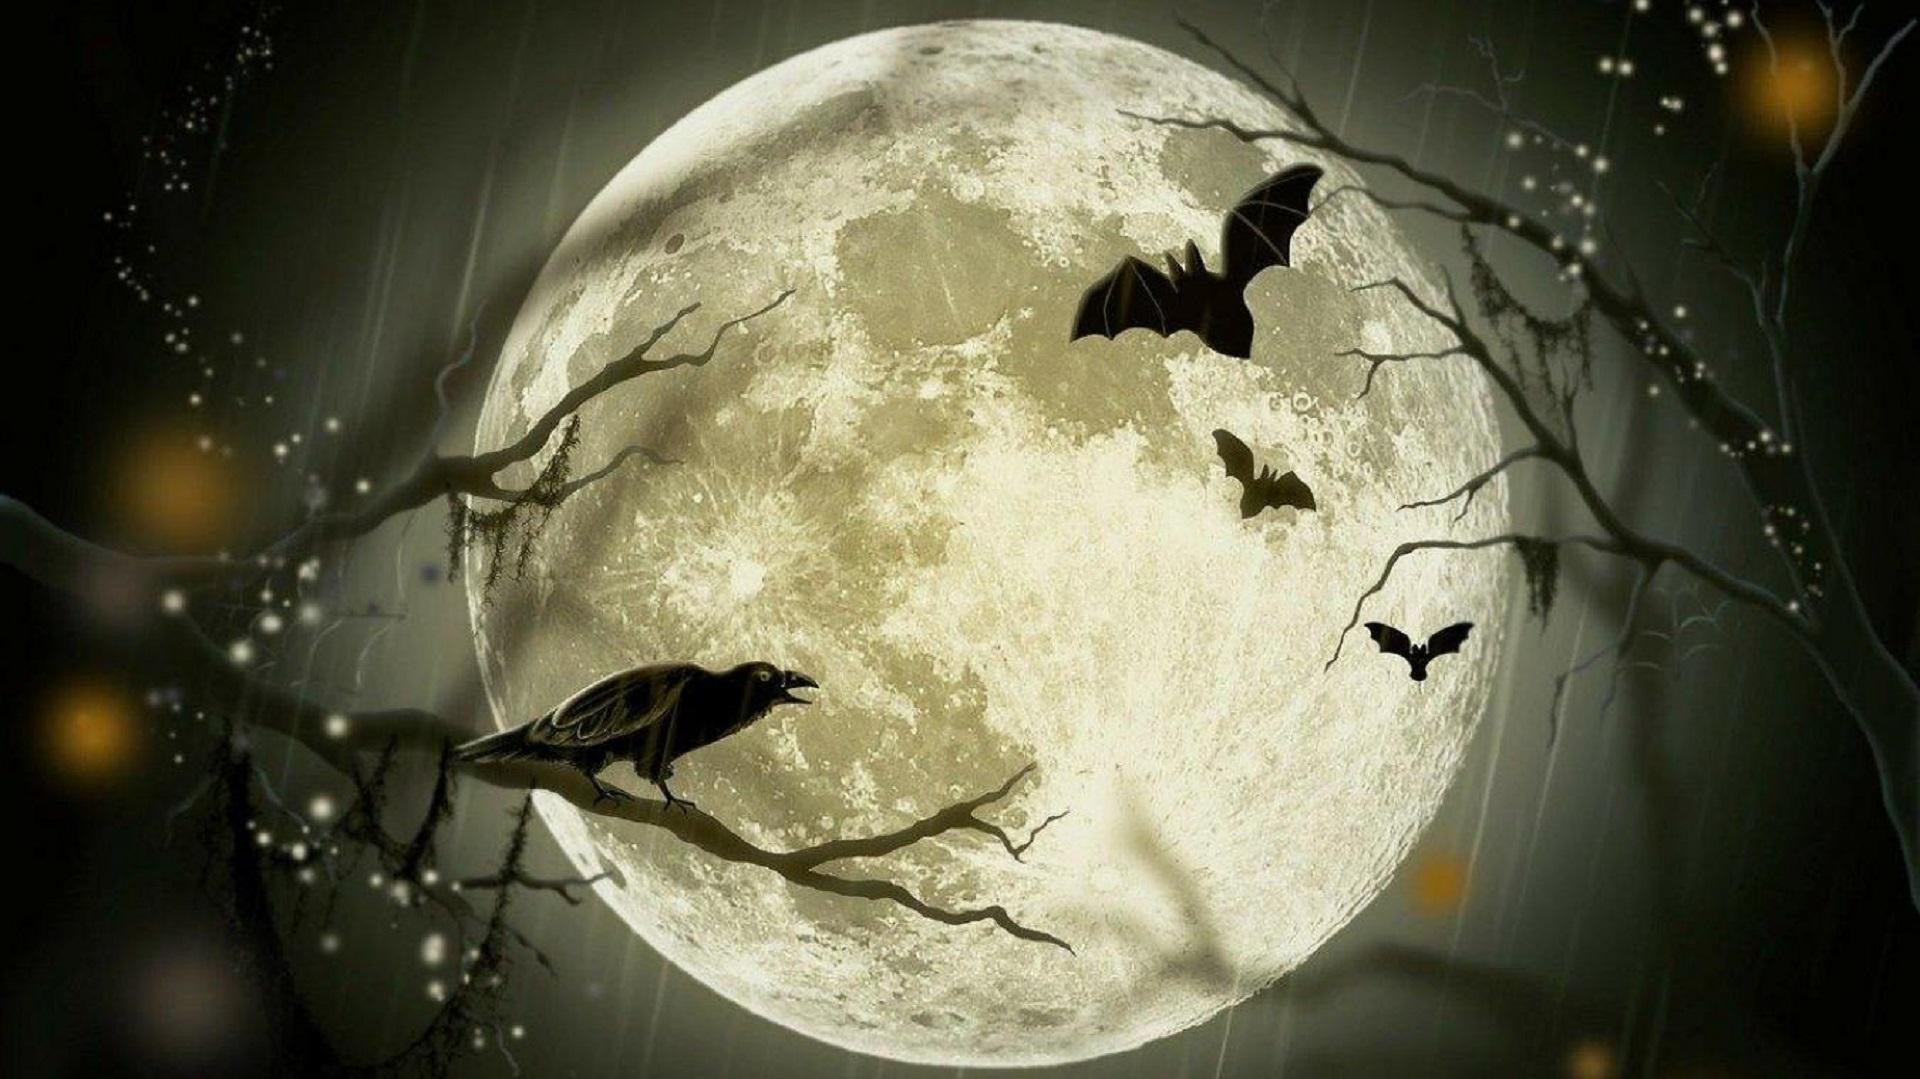 Лунный календарь на 11 января. Убывающая Луна - день хаоса и разрушения